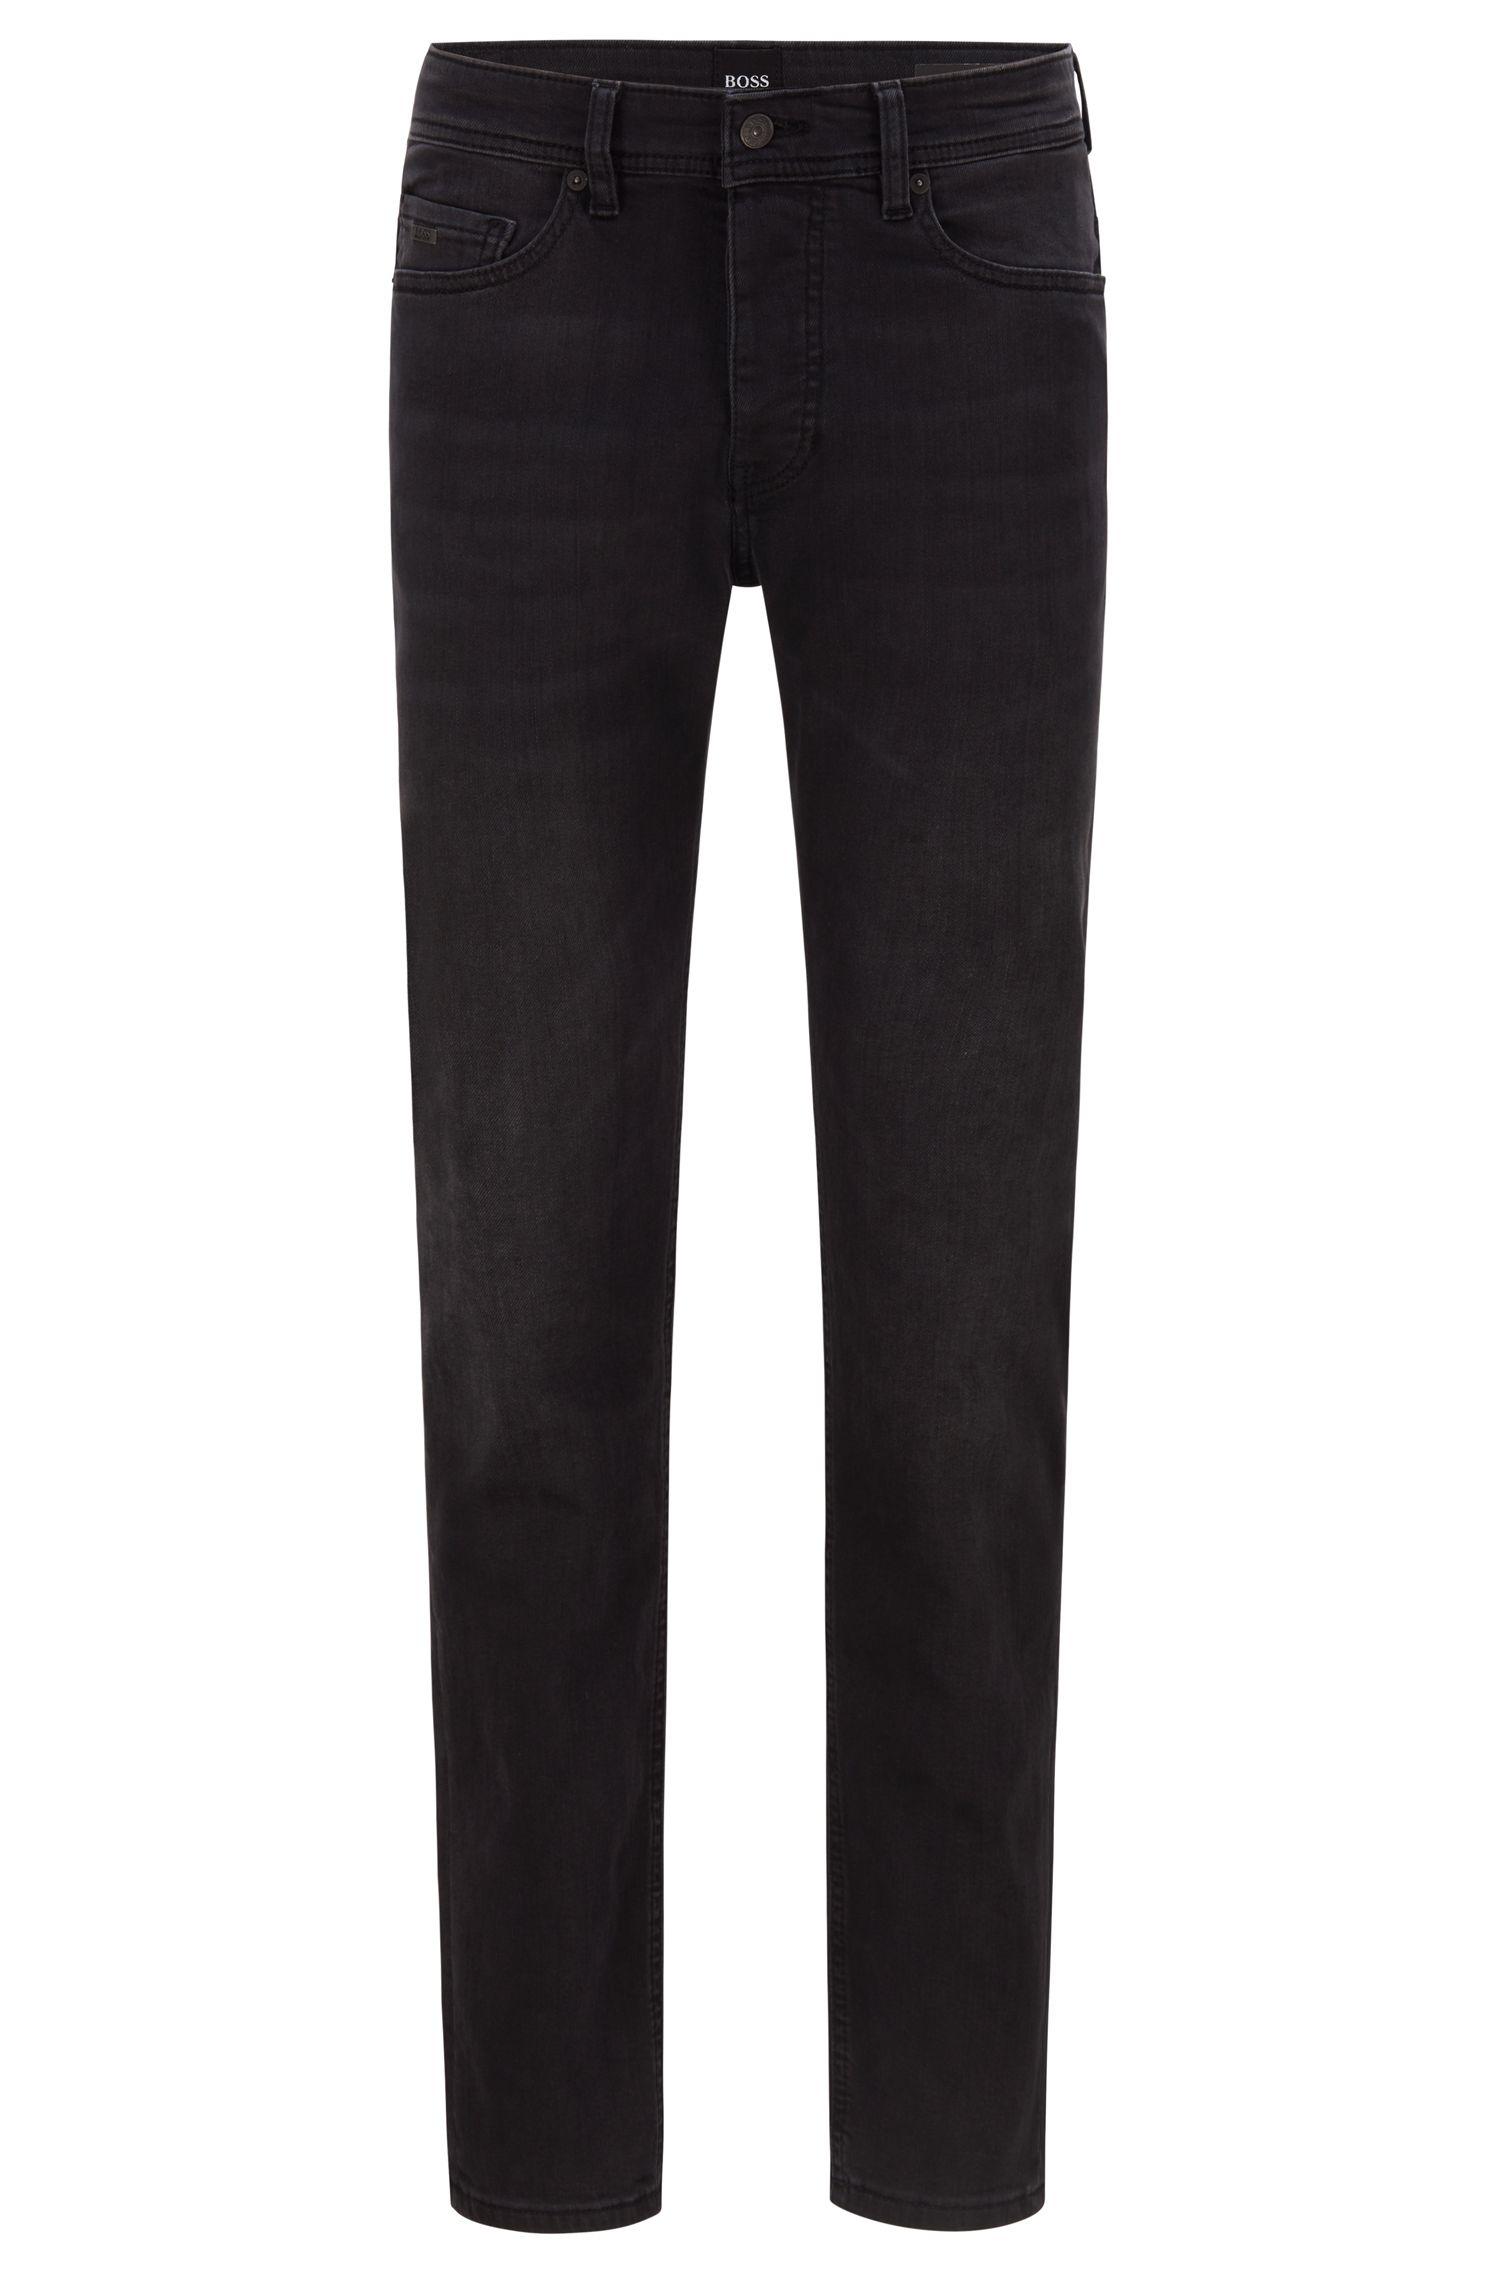 Jeans tapered fit in denim nero lavato super-elasticizzato, Nero